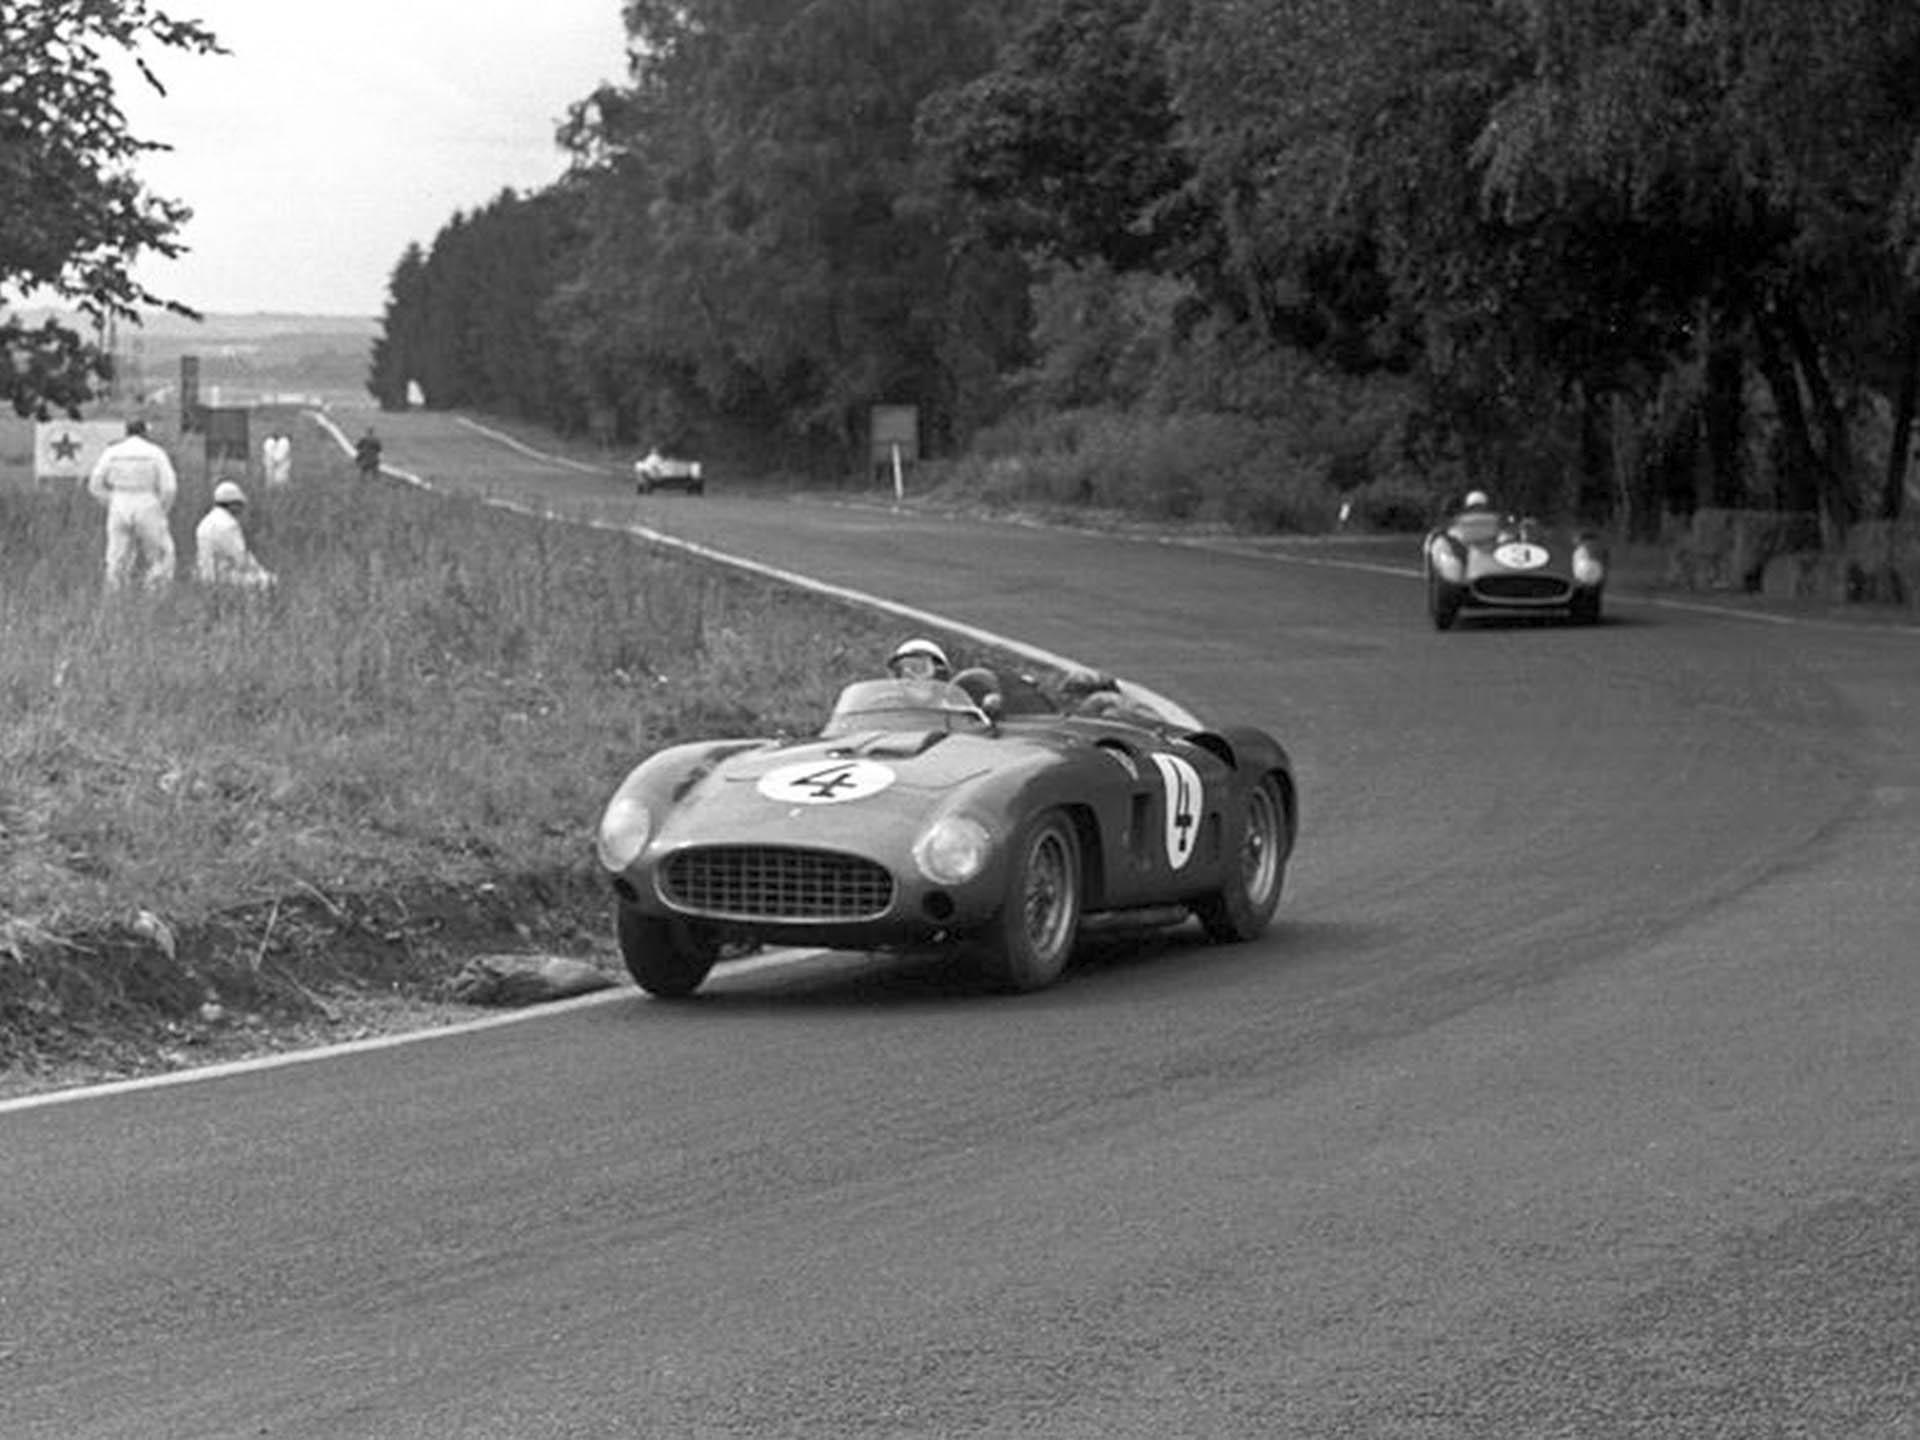 1956 Ferrari 290 MM race car